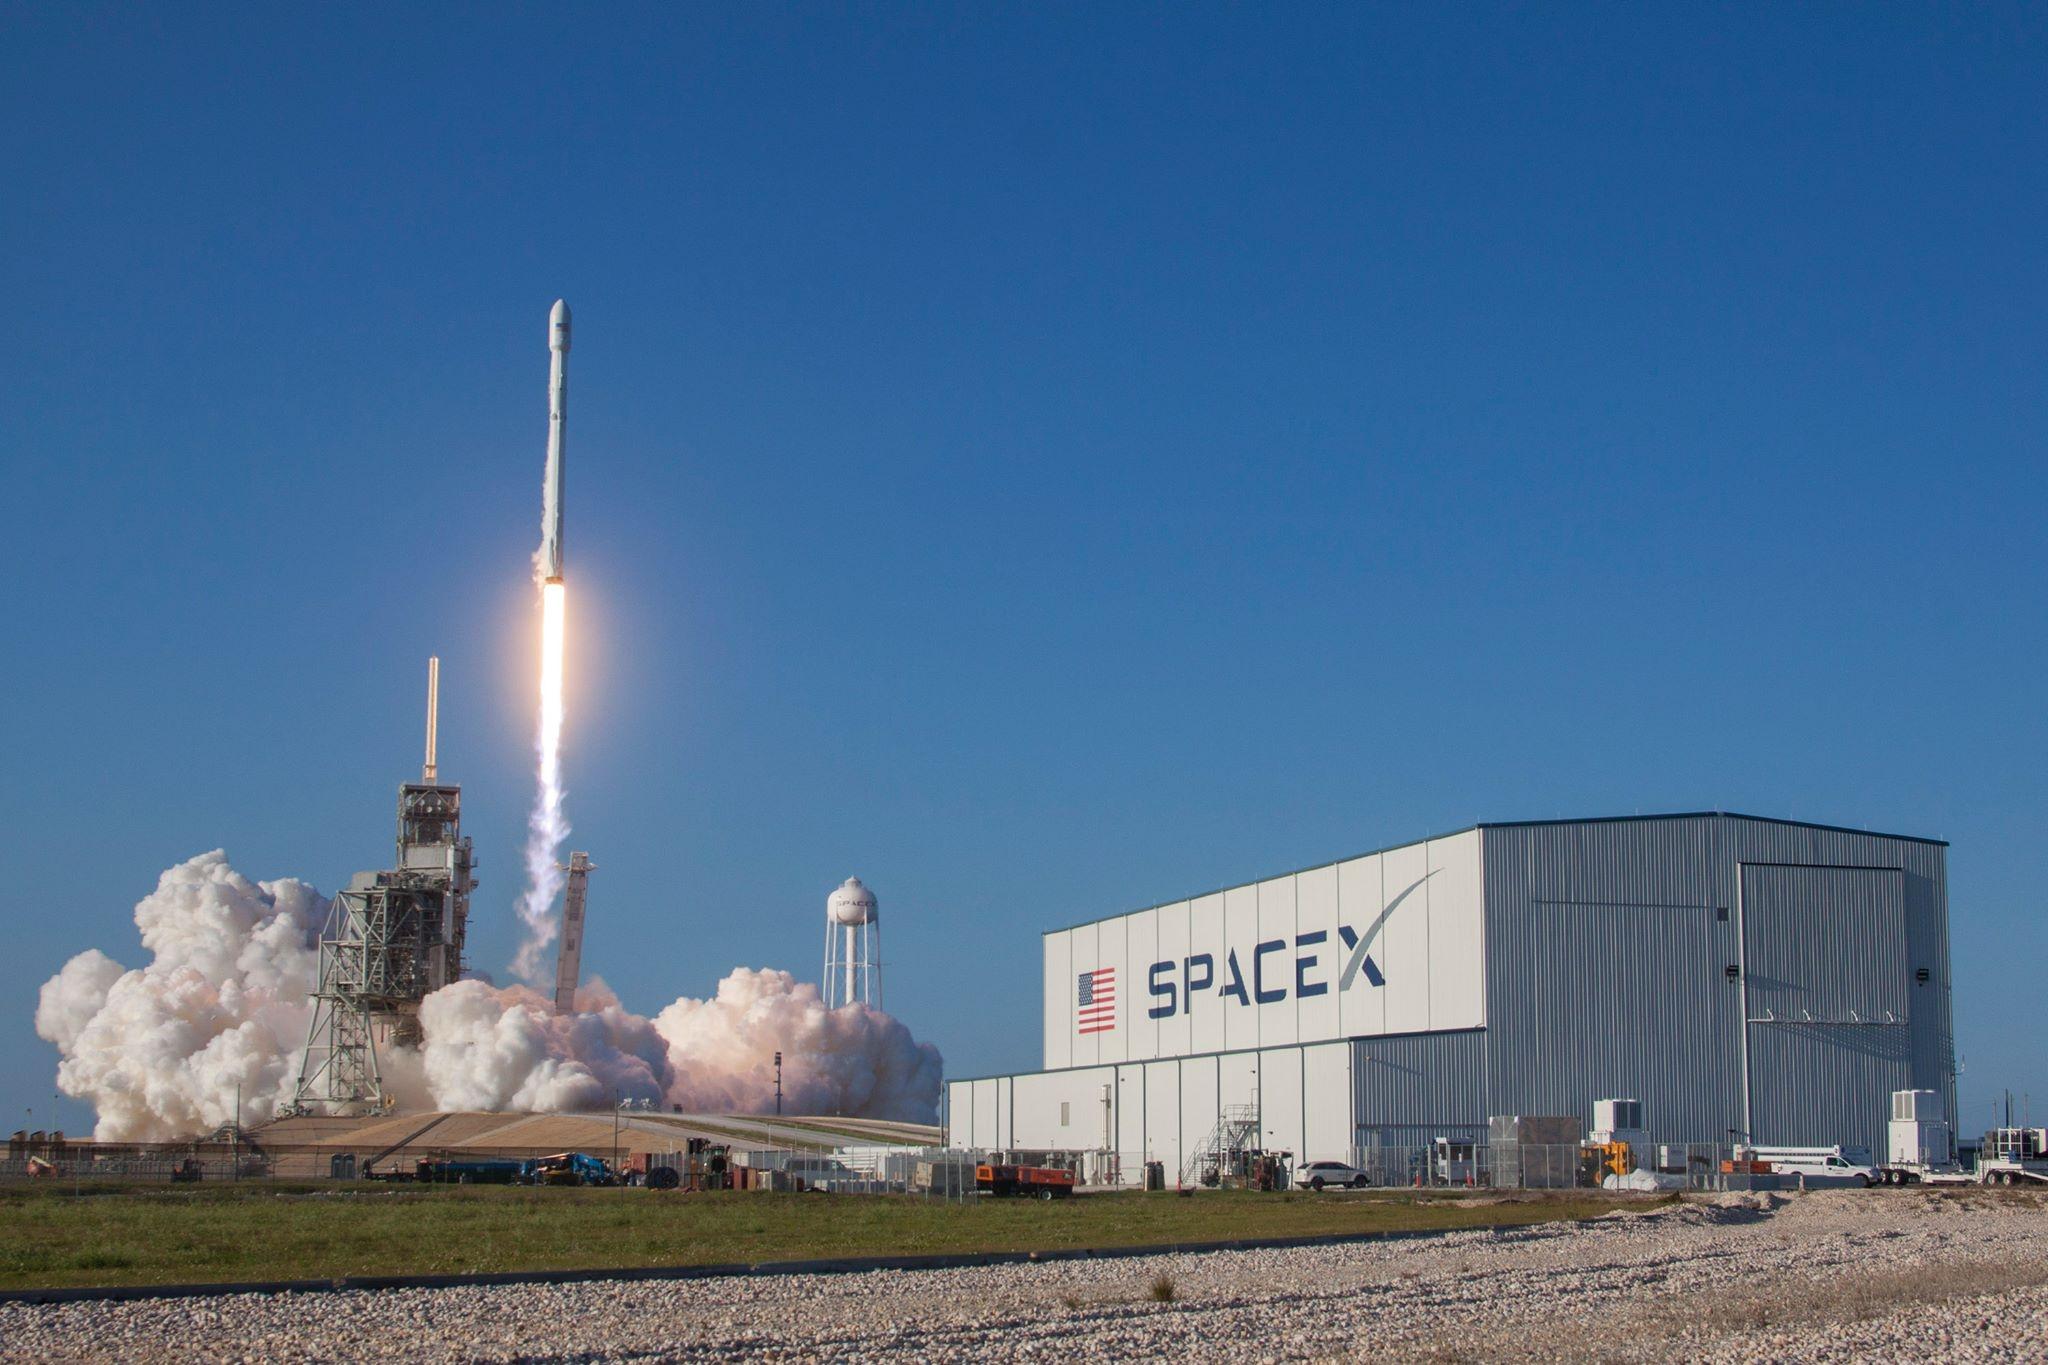 SpaceX планирует реализовать повторный запуск ракет к 2018 году